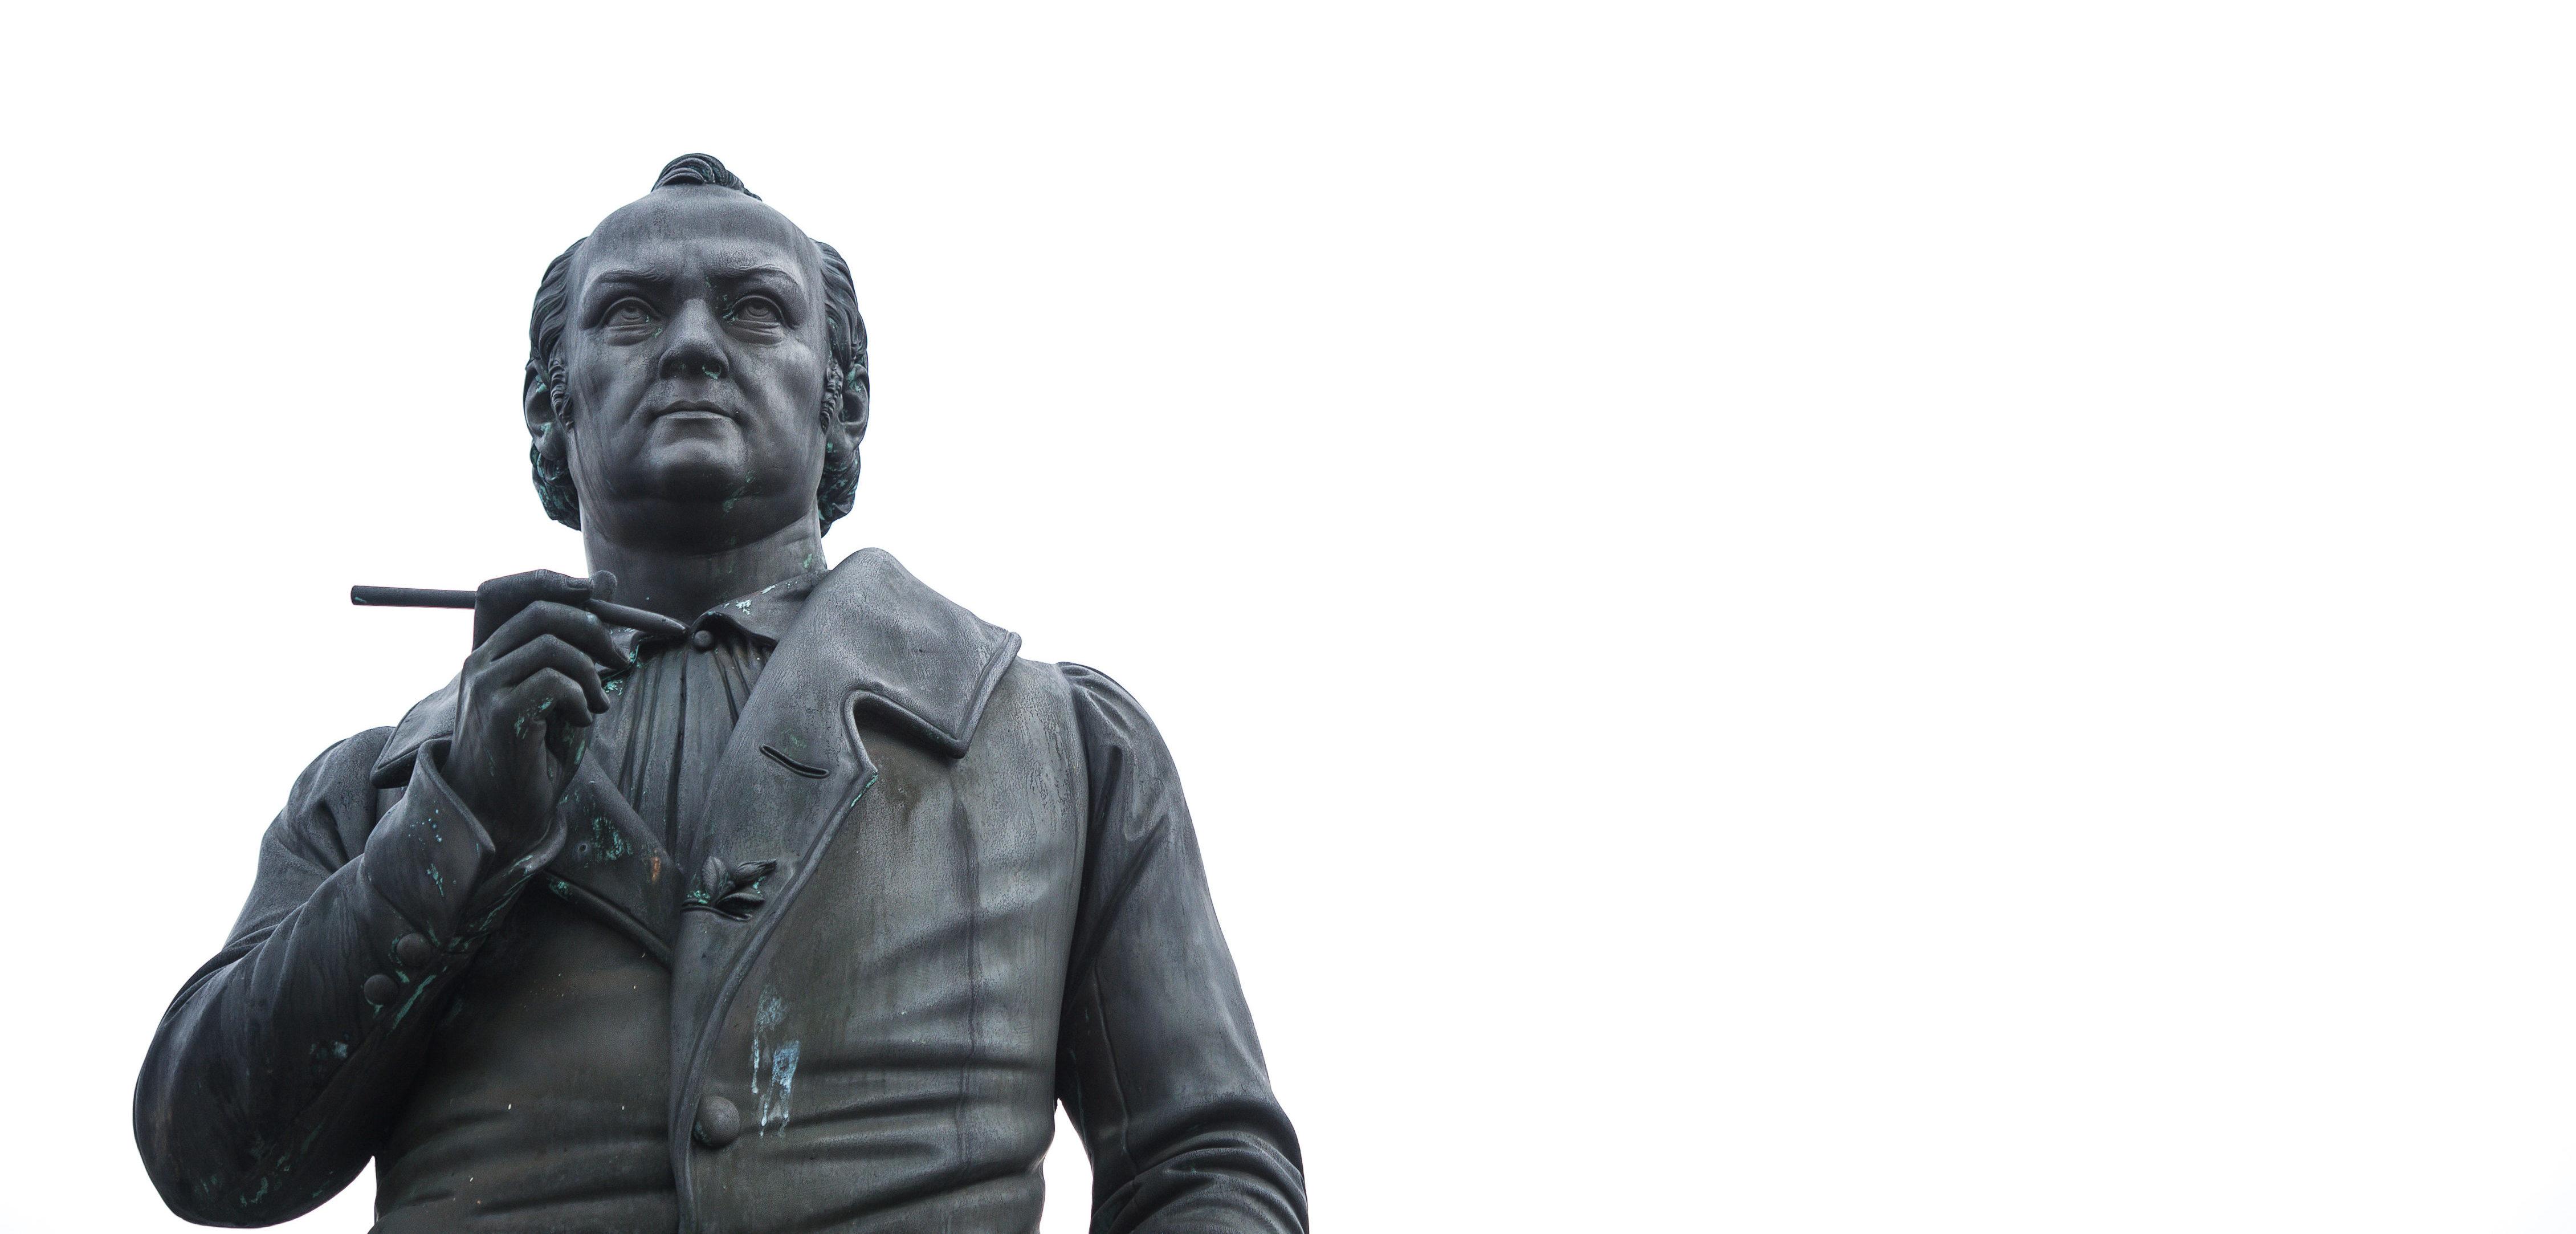 ARCHIV - Das Jean-Paul-Denkmal auf dem ebenfalls nach dem Dichter benannten Platz in Bayreuth (Bayern), aufgenommen am 08.01.2013. Oberfranken feiert in diesem Jahr den 250. Geburtstag des Dichters Jean Paul mit zahlreichen Veranstaltungen. Foto: David Ebener/dpa (zu dpa-Themenpaket vom 15.03.2013) +++(c) dpa - Bildfunk+++ | Verwendung weltweit